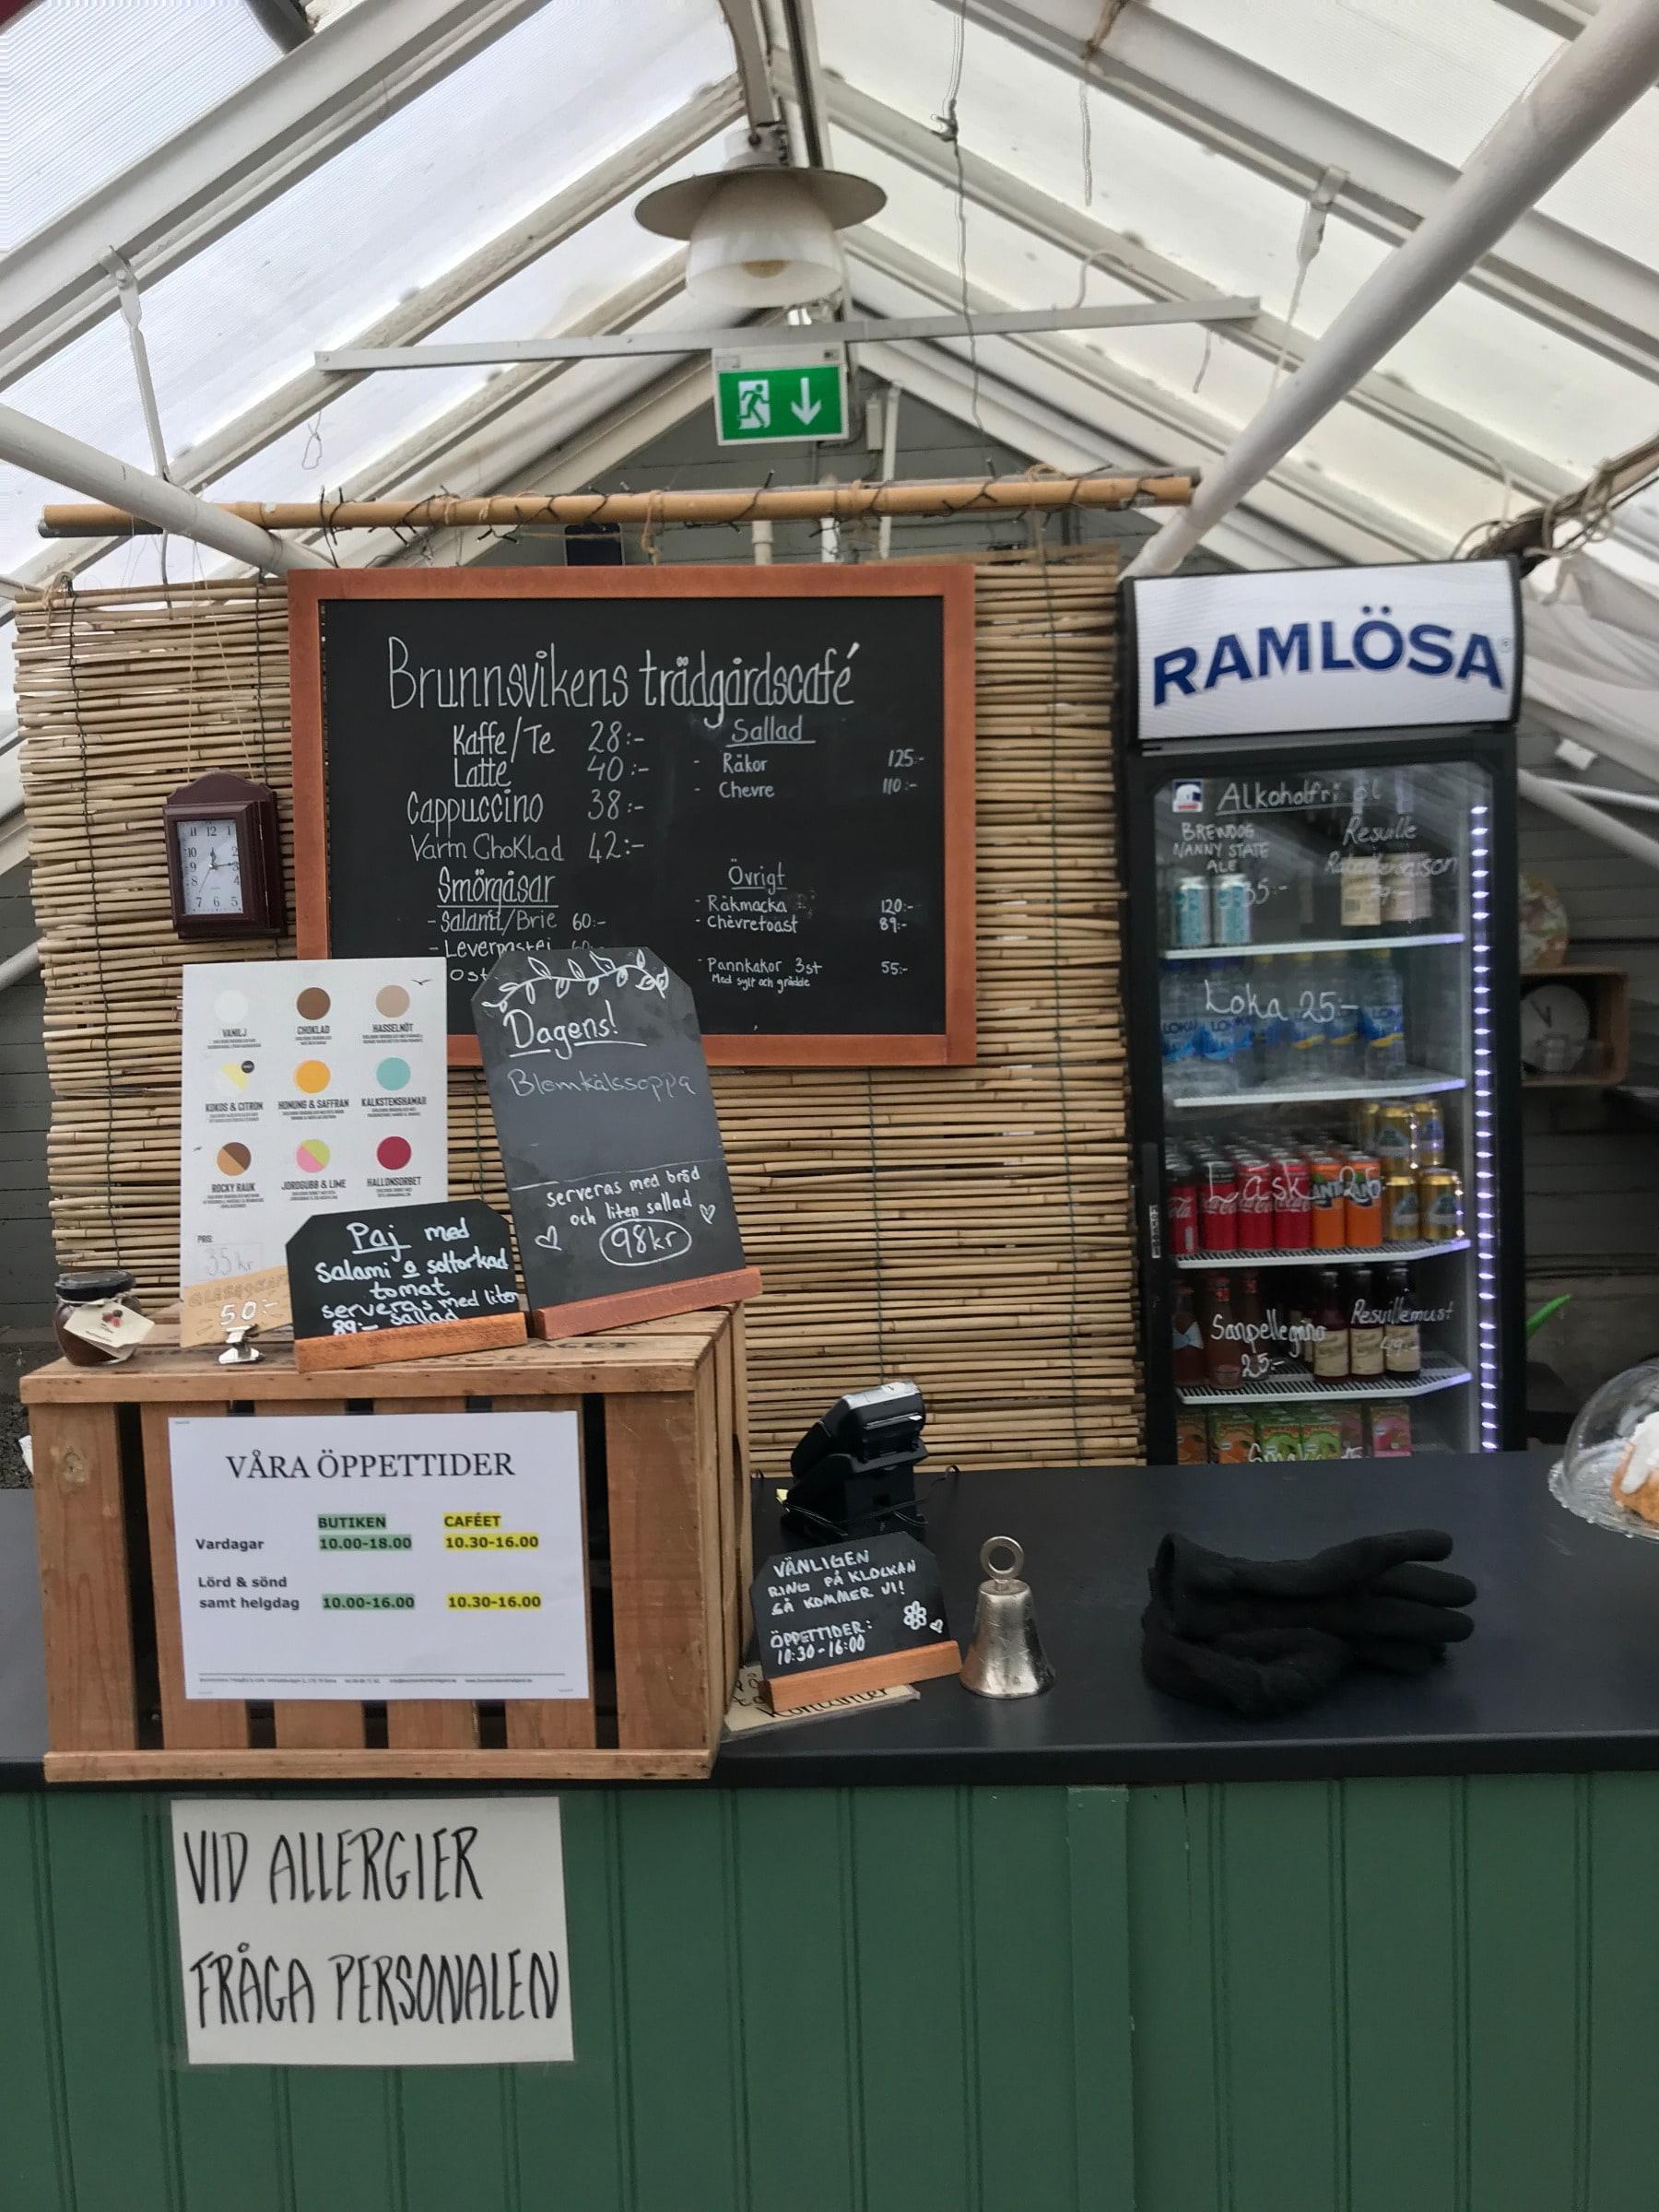 Caféet – Bild från Brunnsvikens Trädgård & Café av Jessica K.